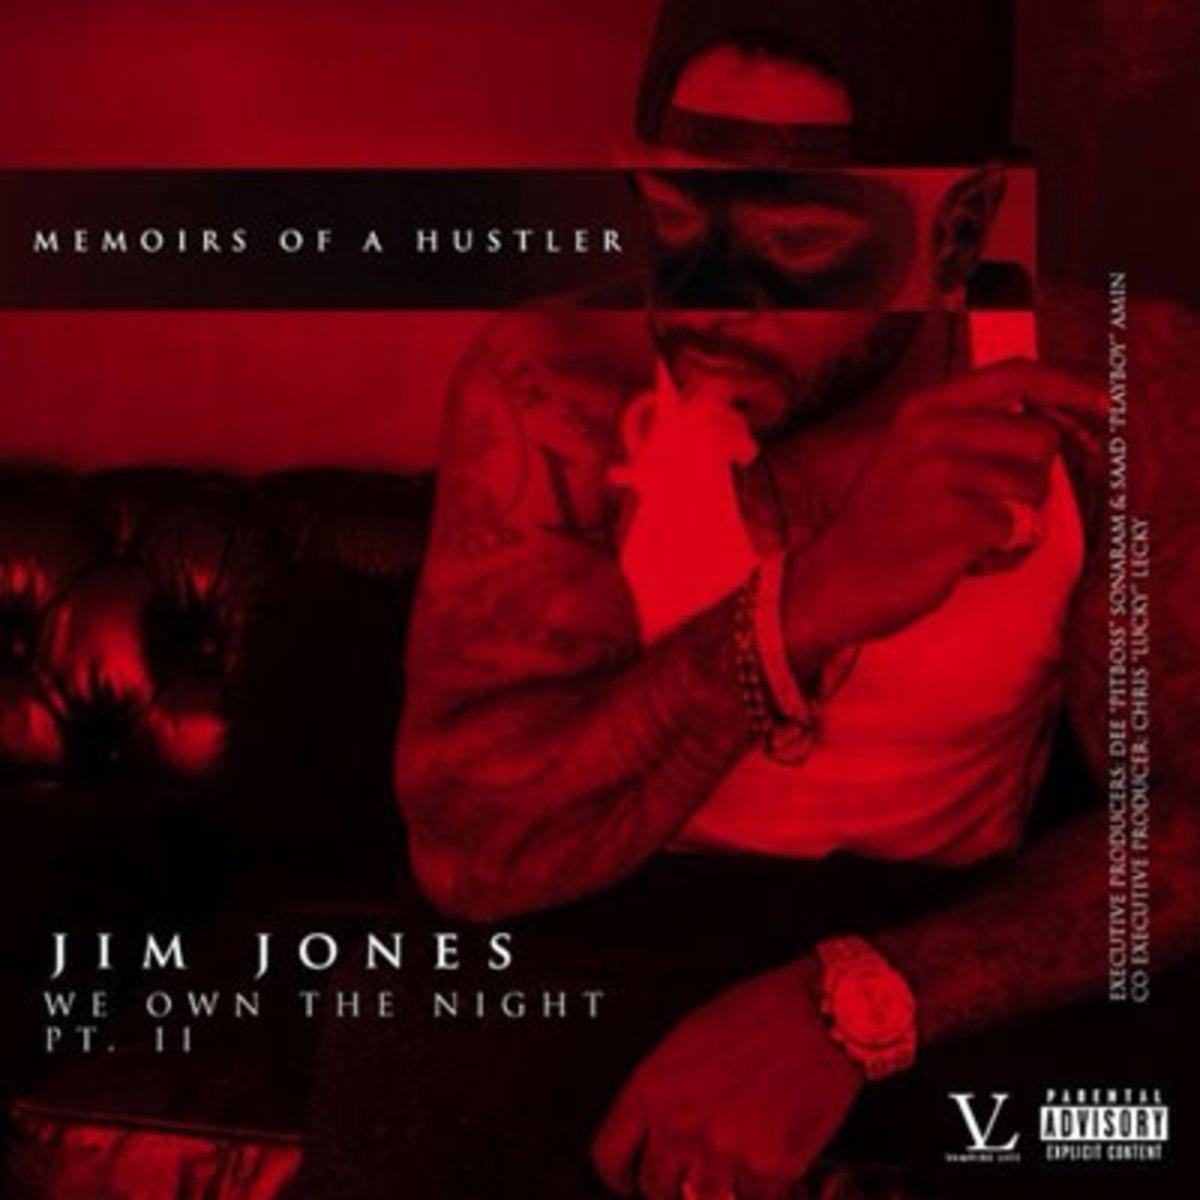 jimjones-weownthenightpt2.jpg